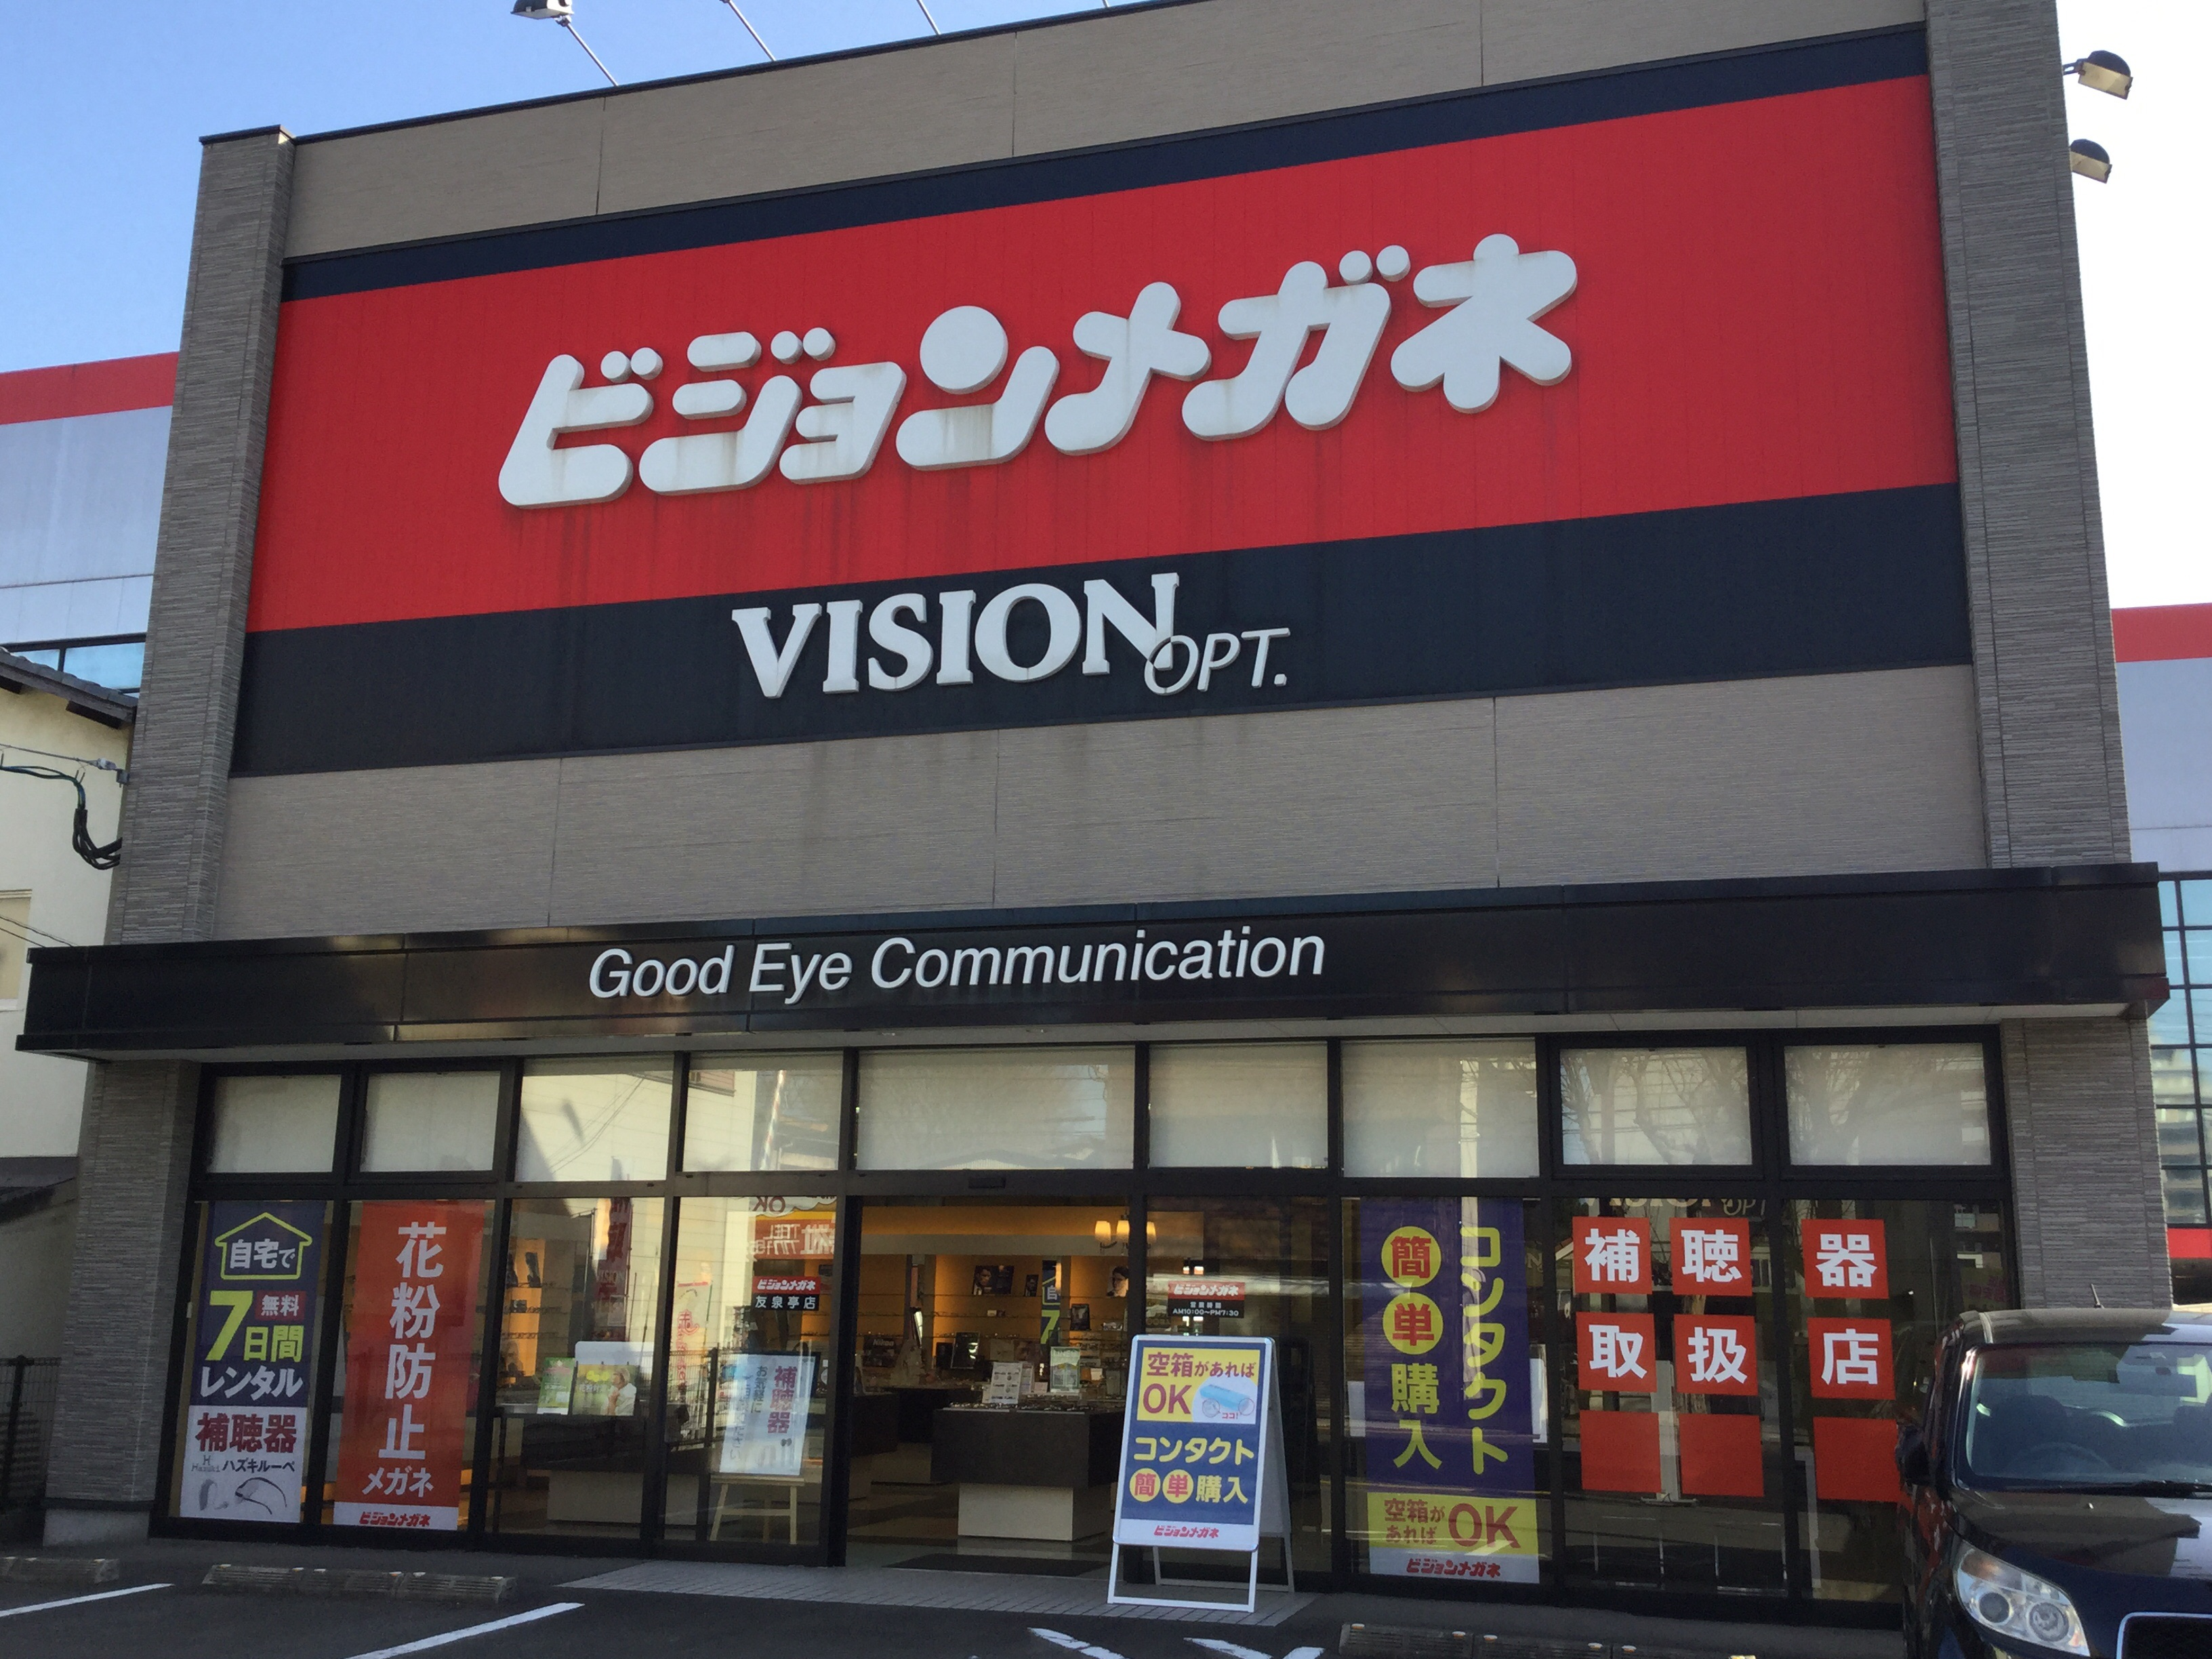 ビジョンメガネ 友泉亭店画像1